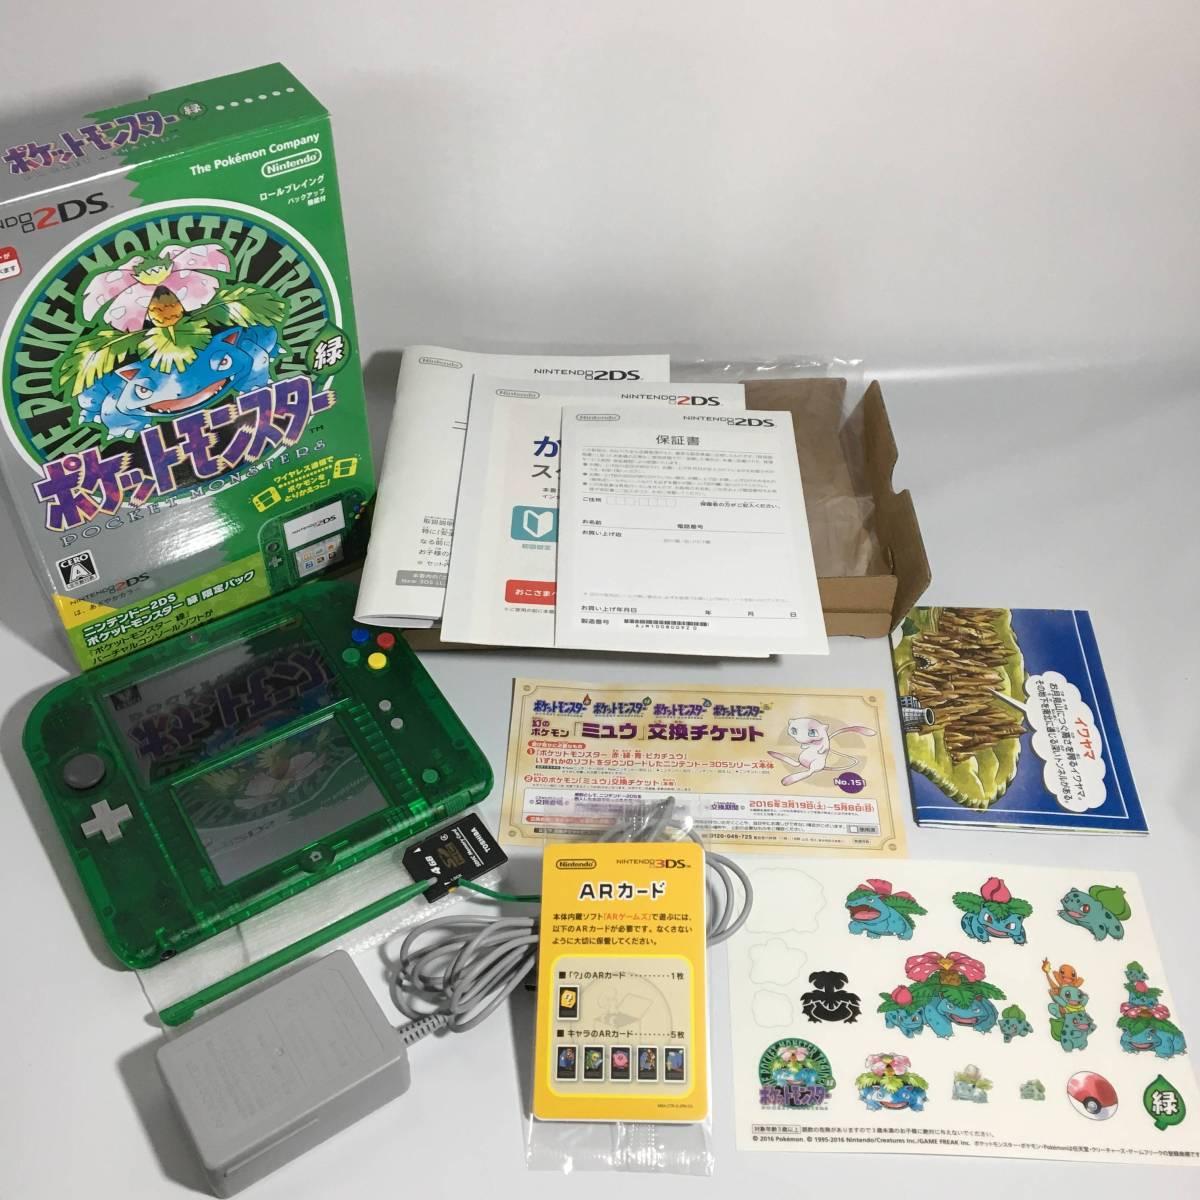 【極美品】ニンテンドー2DS ポケモン 緑 限定パック ARカード未開封 ステッカー未使用 クリアグリーン 3DS 本体 ソフト セット ll